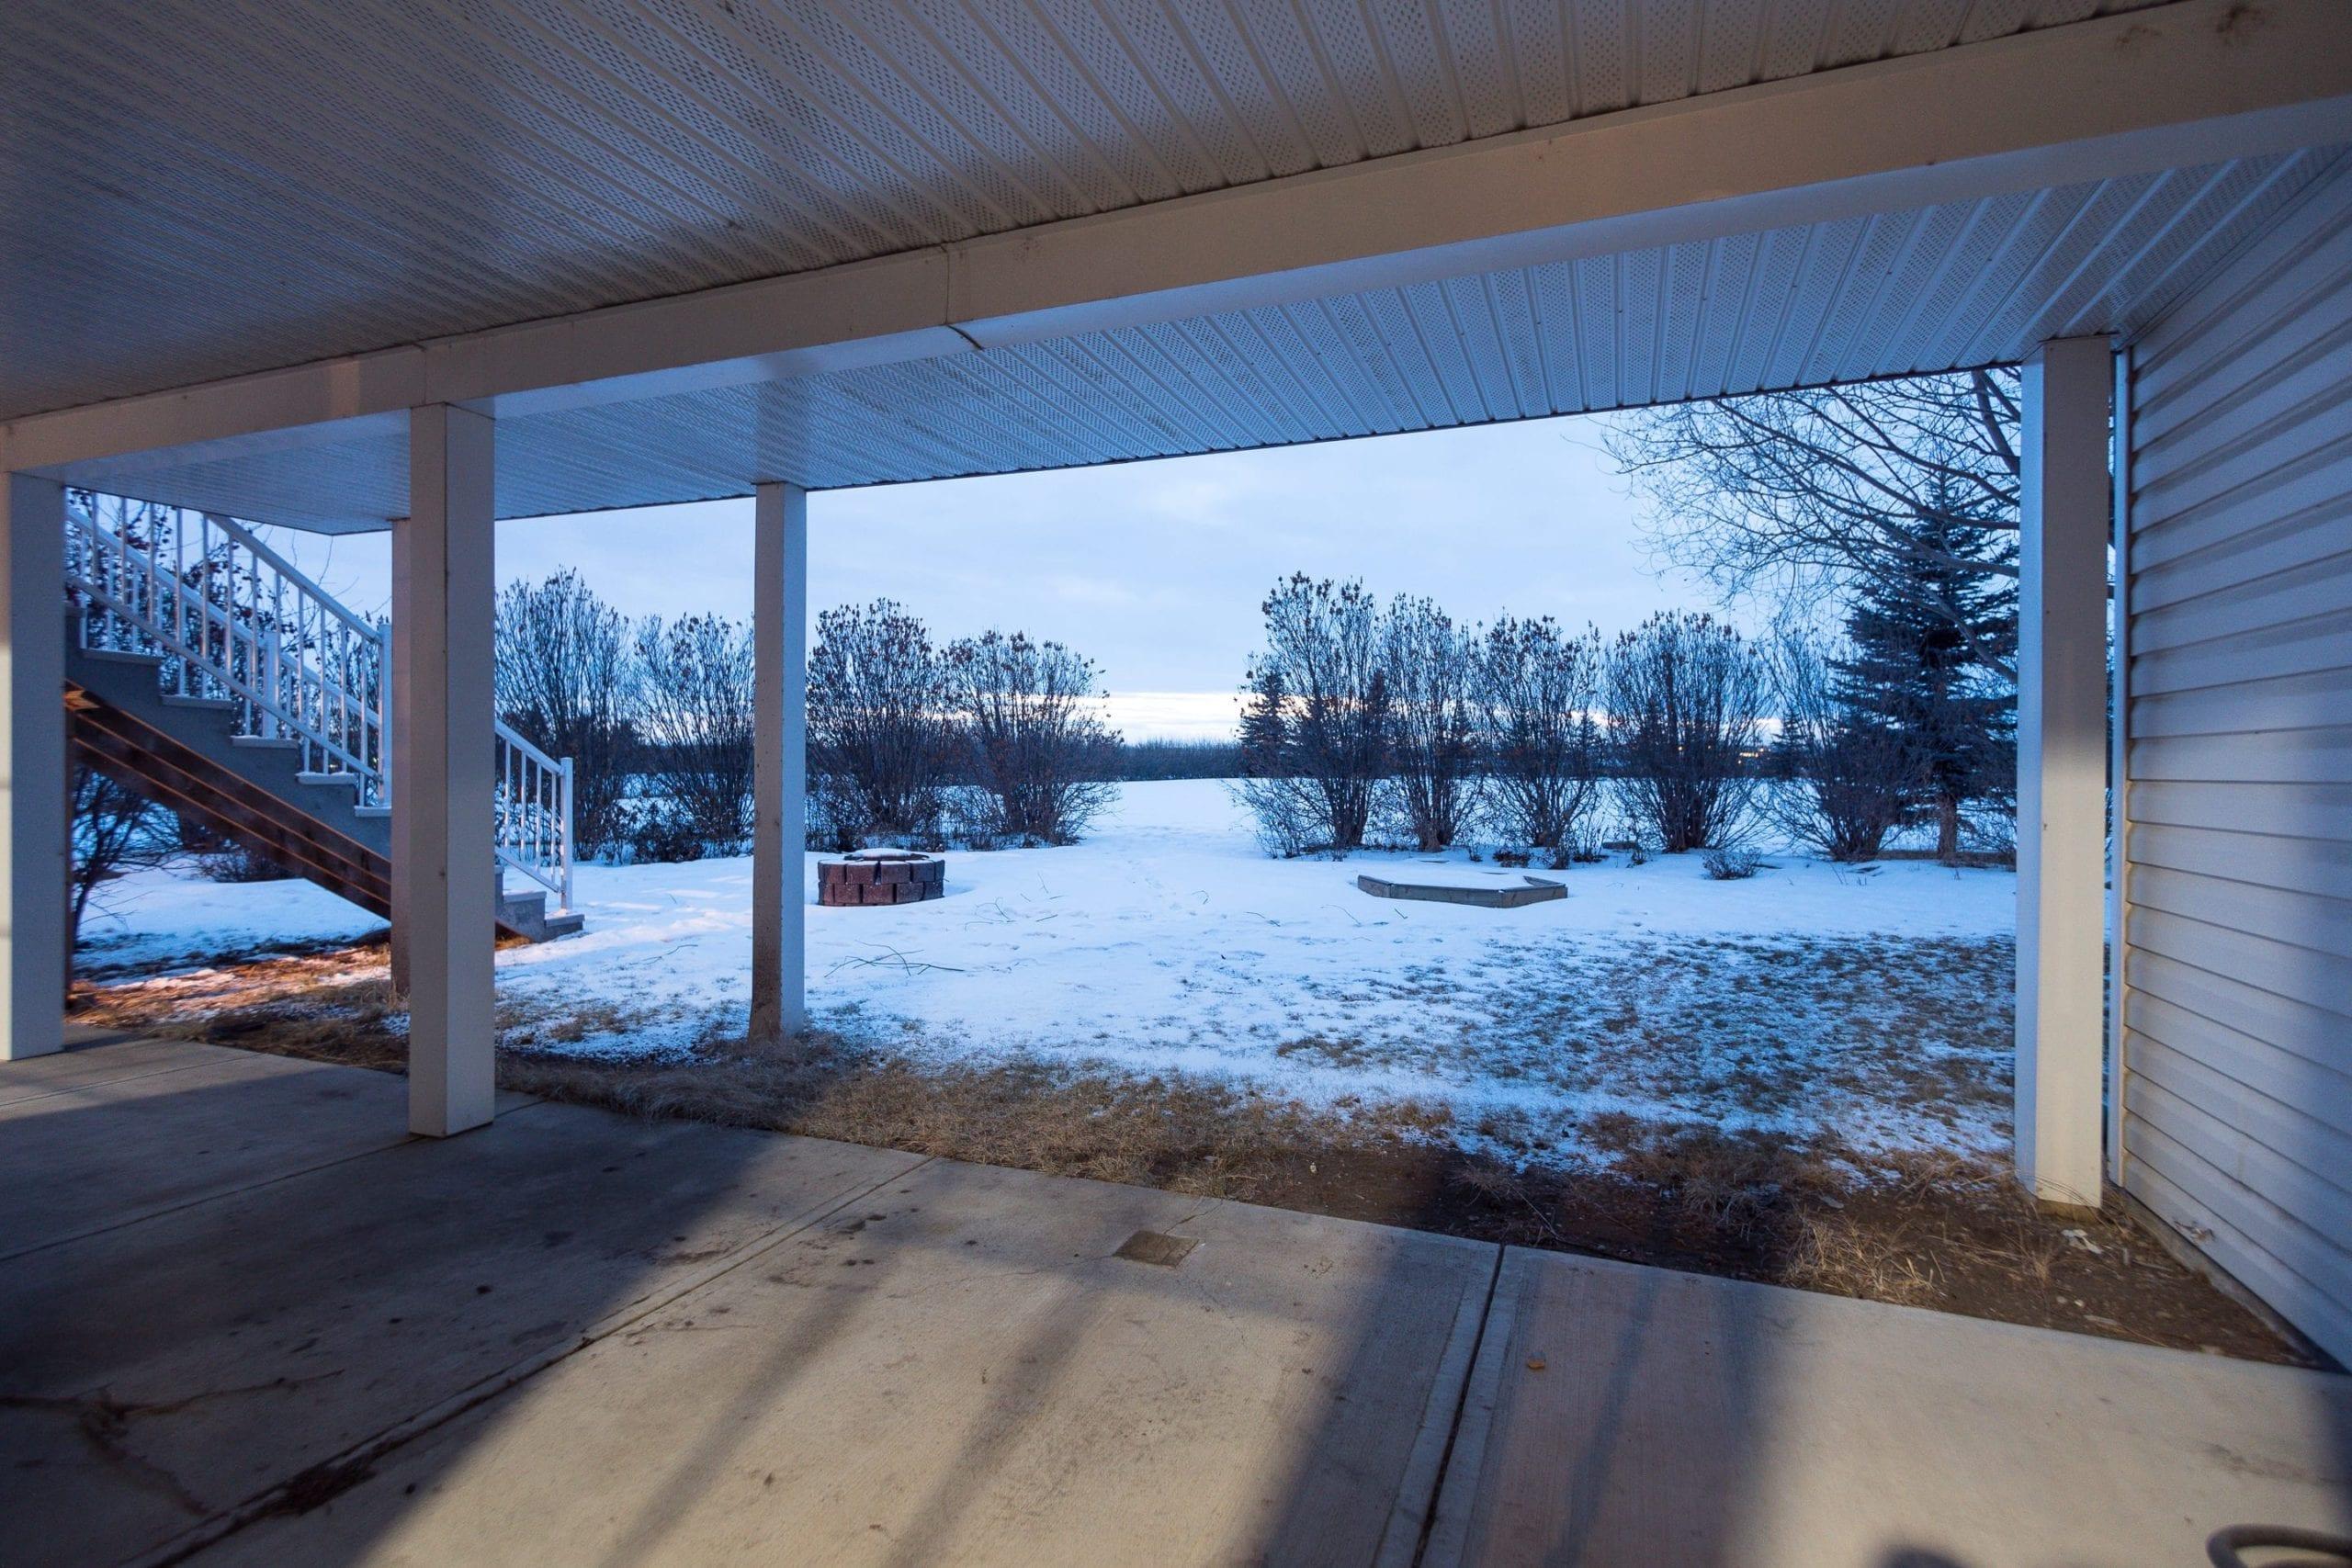 Hello Gorgeous - 243 Stage Coach Lane, Rockyview County AB - Tara Molina Real Estate (59 of 59)